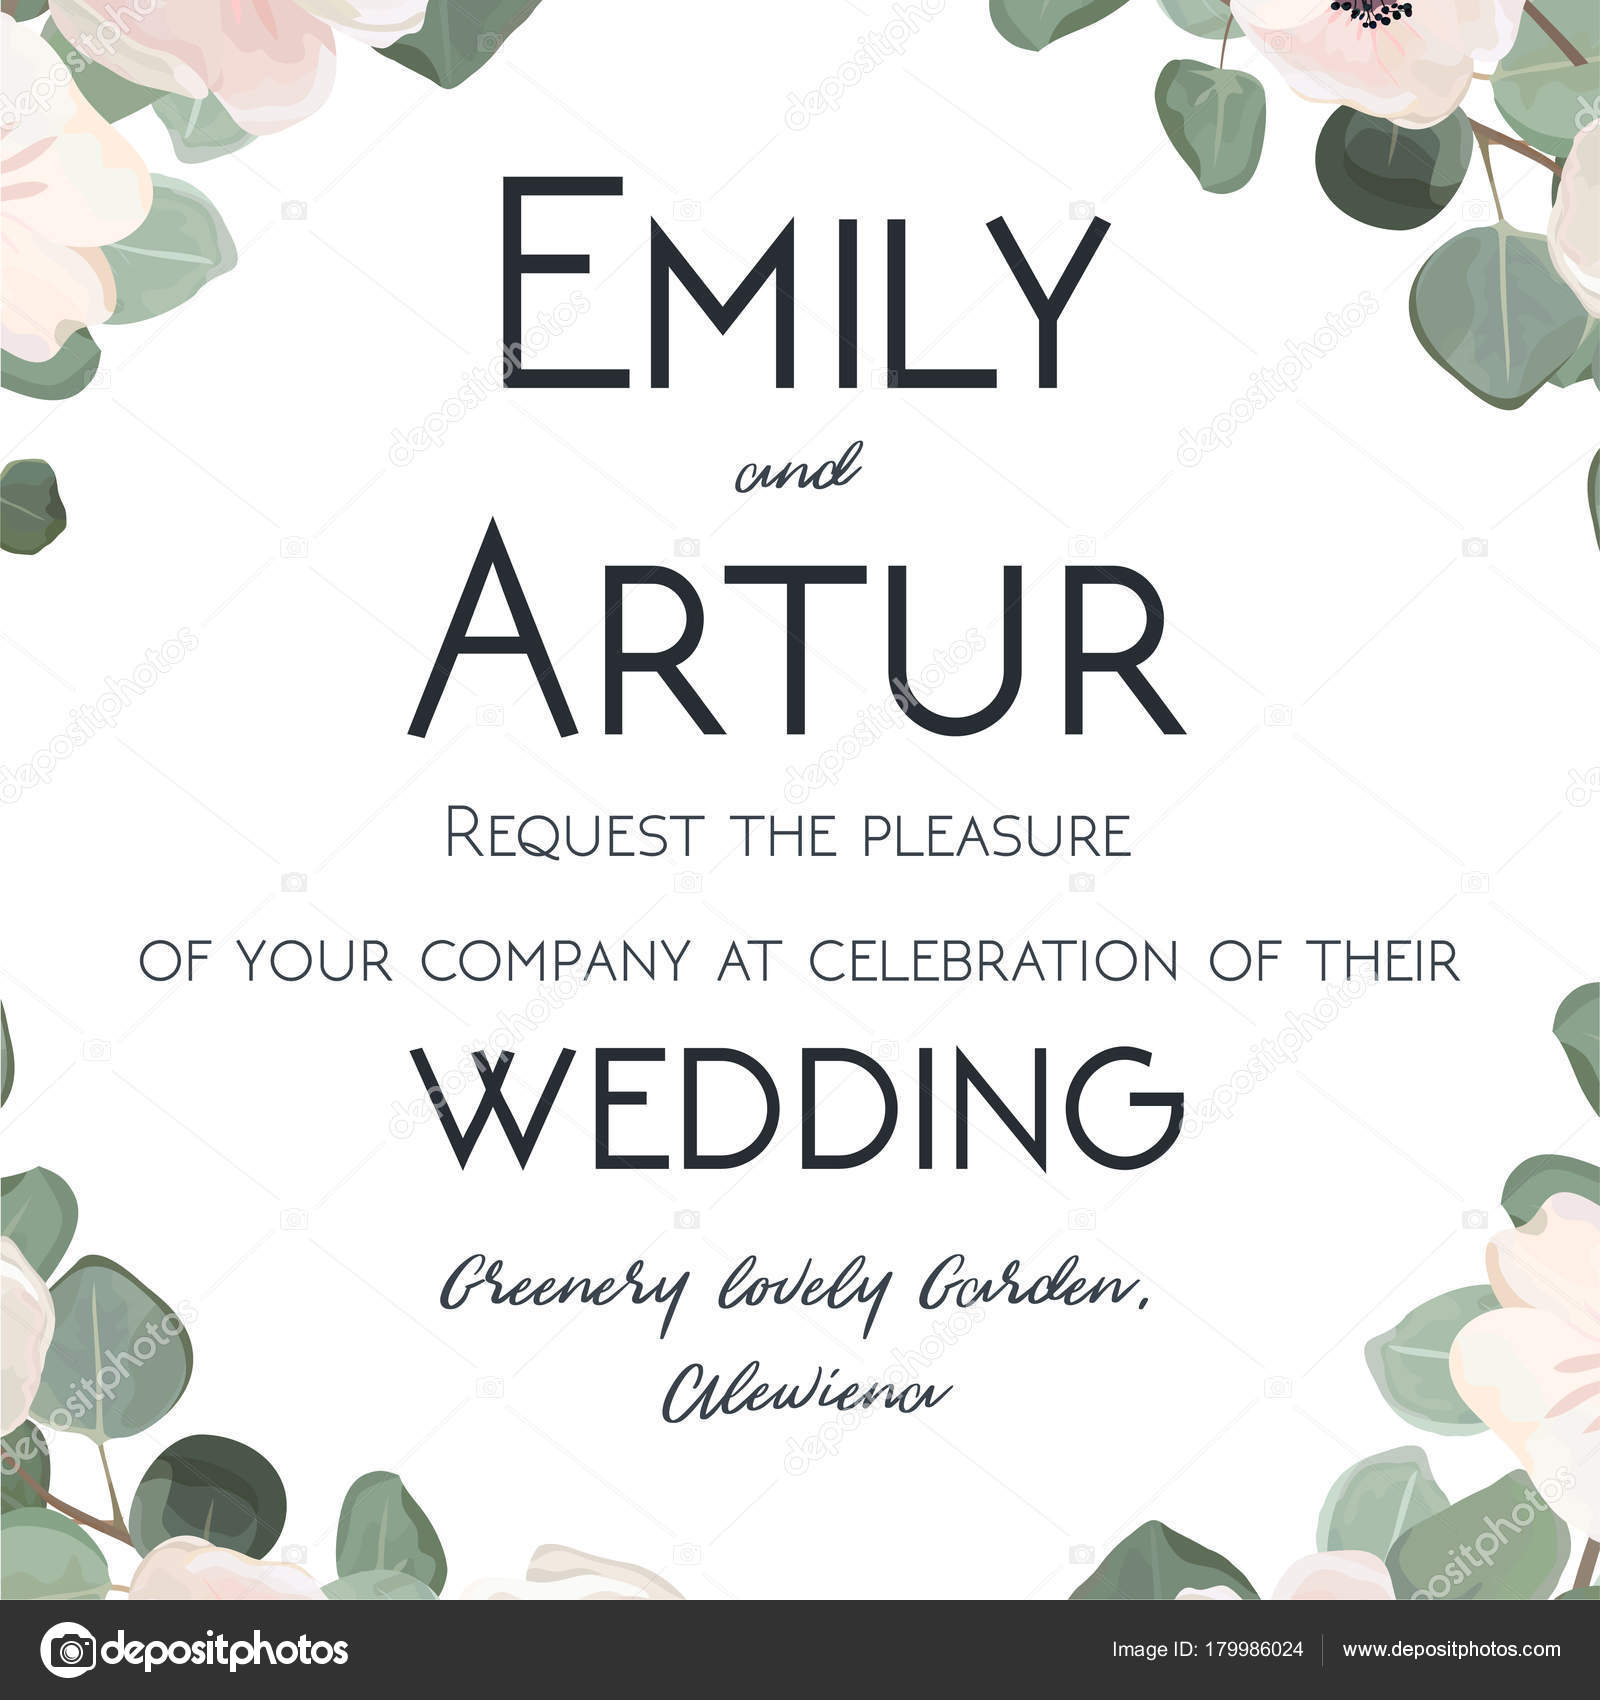 Wedding Invitation floral invite card watercolor hand drawn design ...